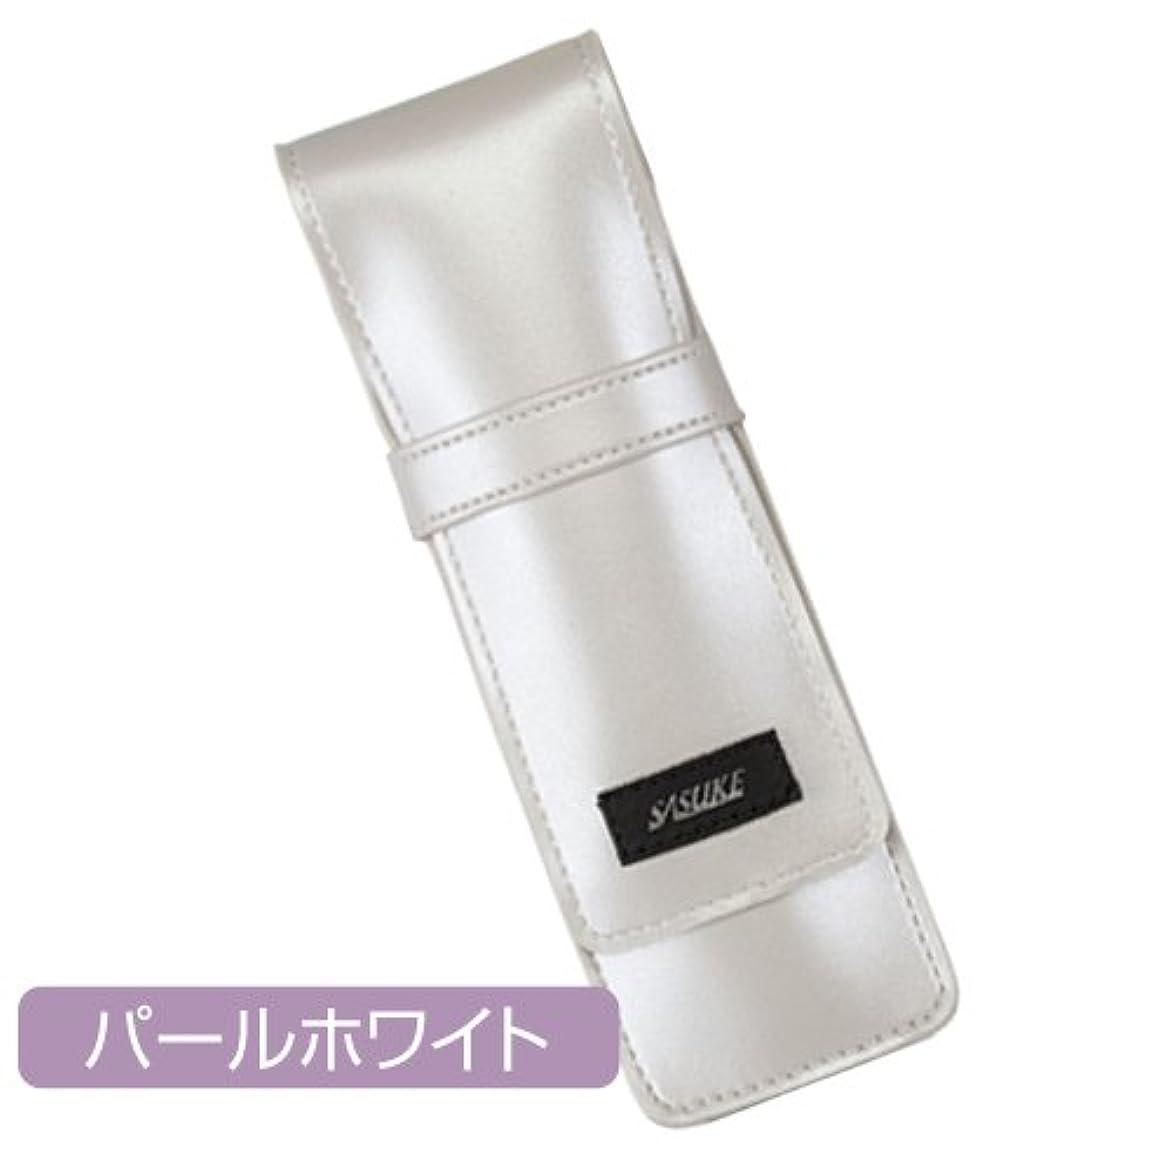 不実マスク表面SASUKE ツボ押しローラー 専用ケース( パールホワイト)